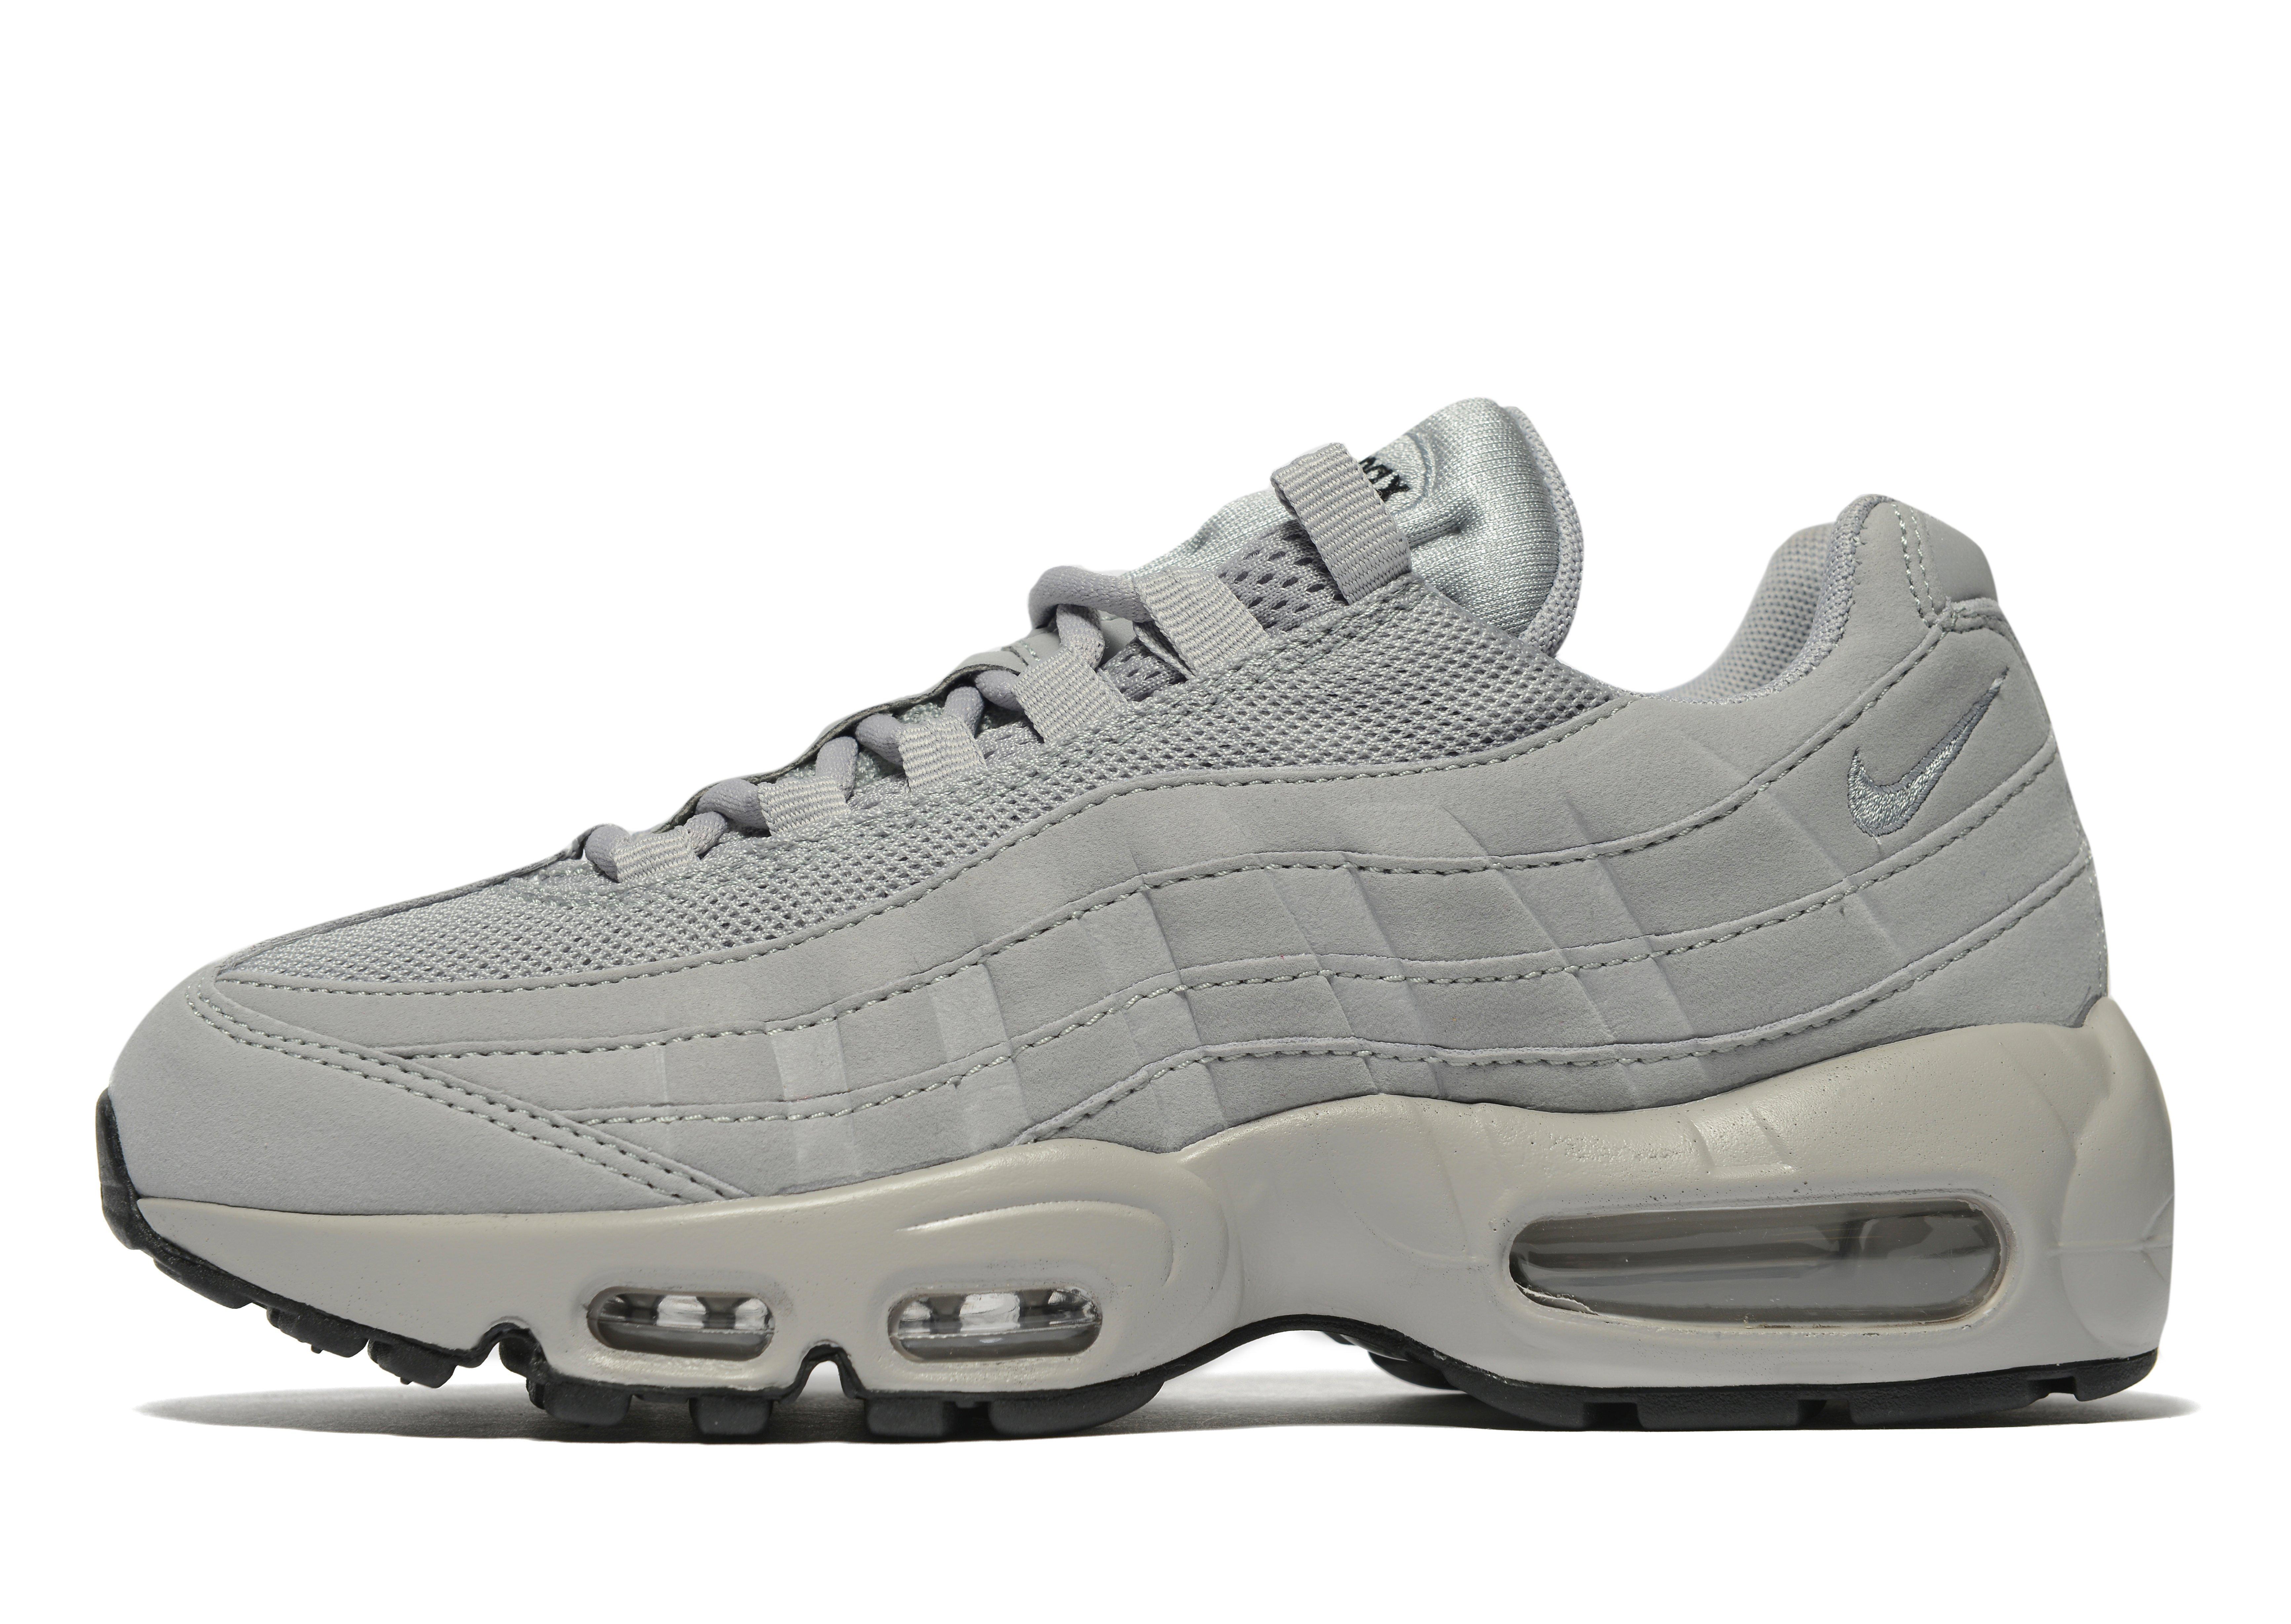 sneaker femme Nike air max 95 premium gris 807443-005. Nike air max 95 ultra se noir ... Contemporain Nike Air Max 95 Homme Essential Trainers Nike Gris ...